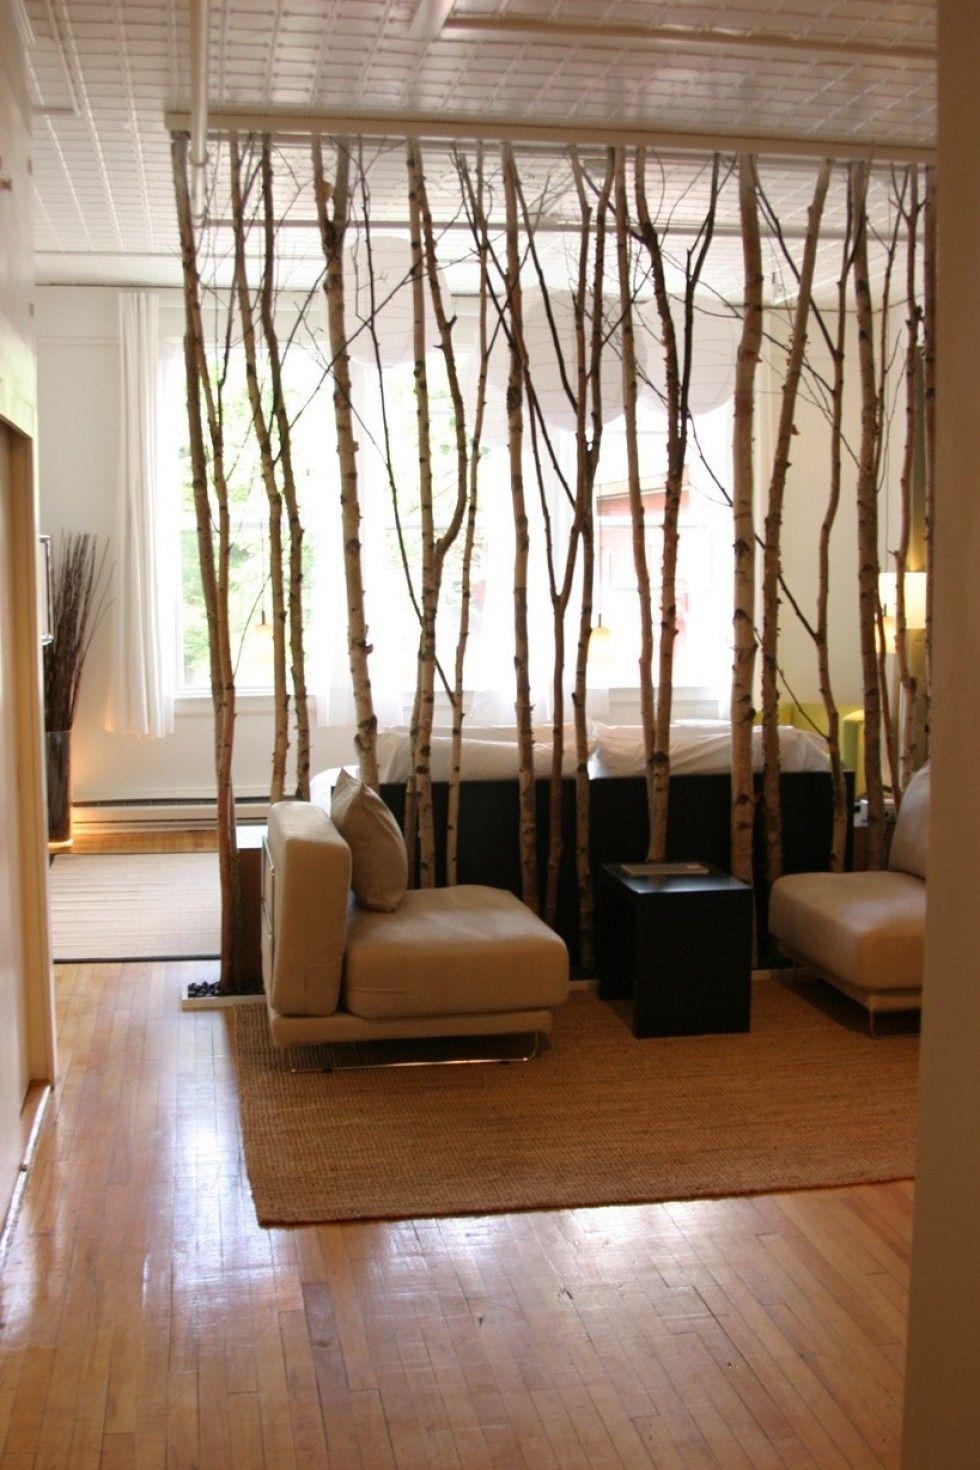 Pin By Robert Tryon On Decorating Wohnzimmer Raumteiler Einrichtung